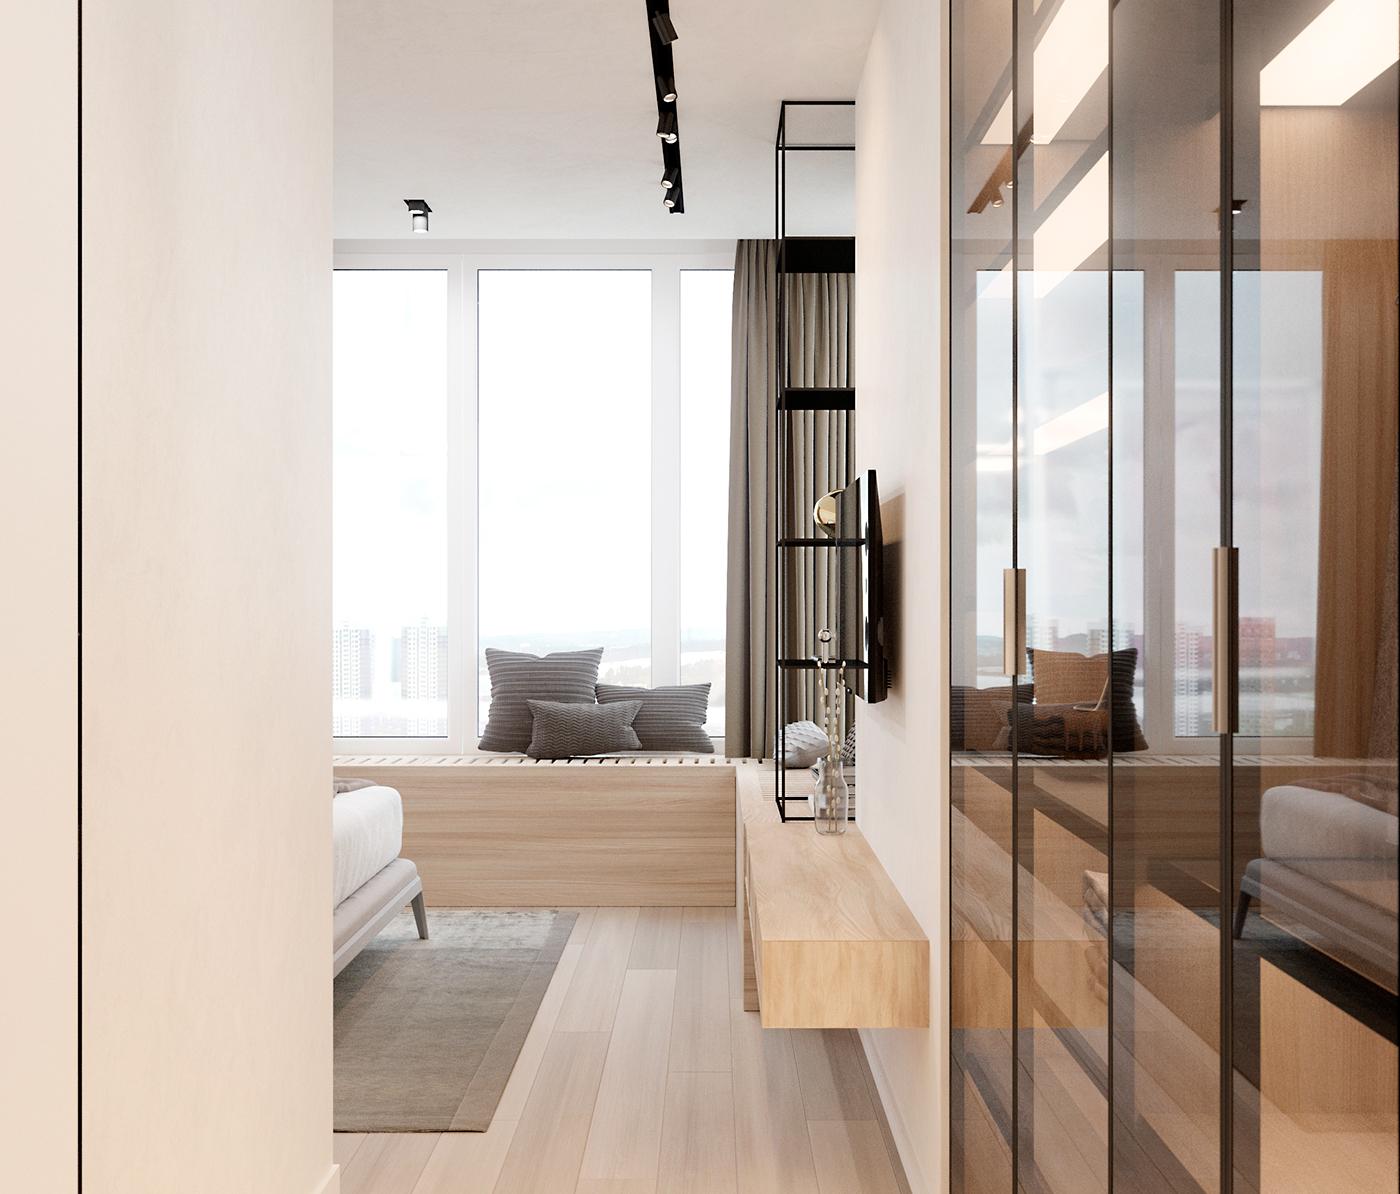 【国外作品】公寓空间设计 | ZOOI Interior studio